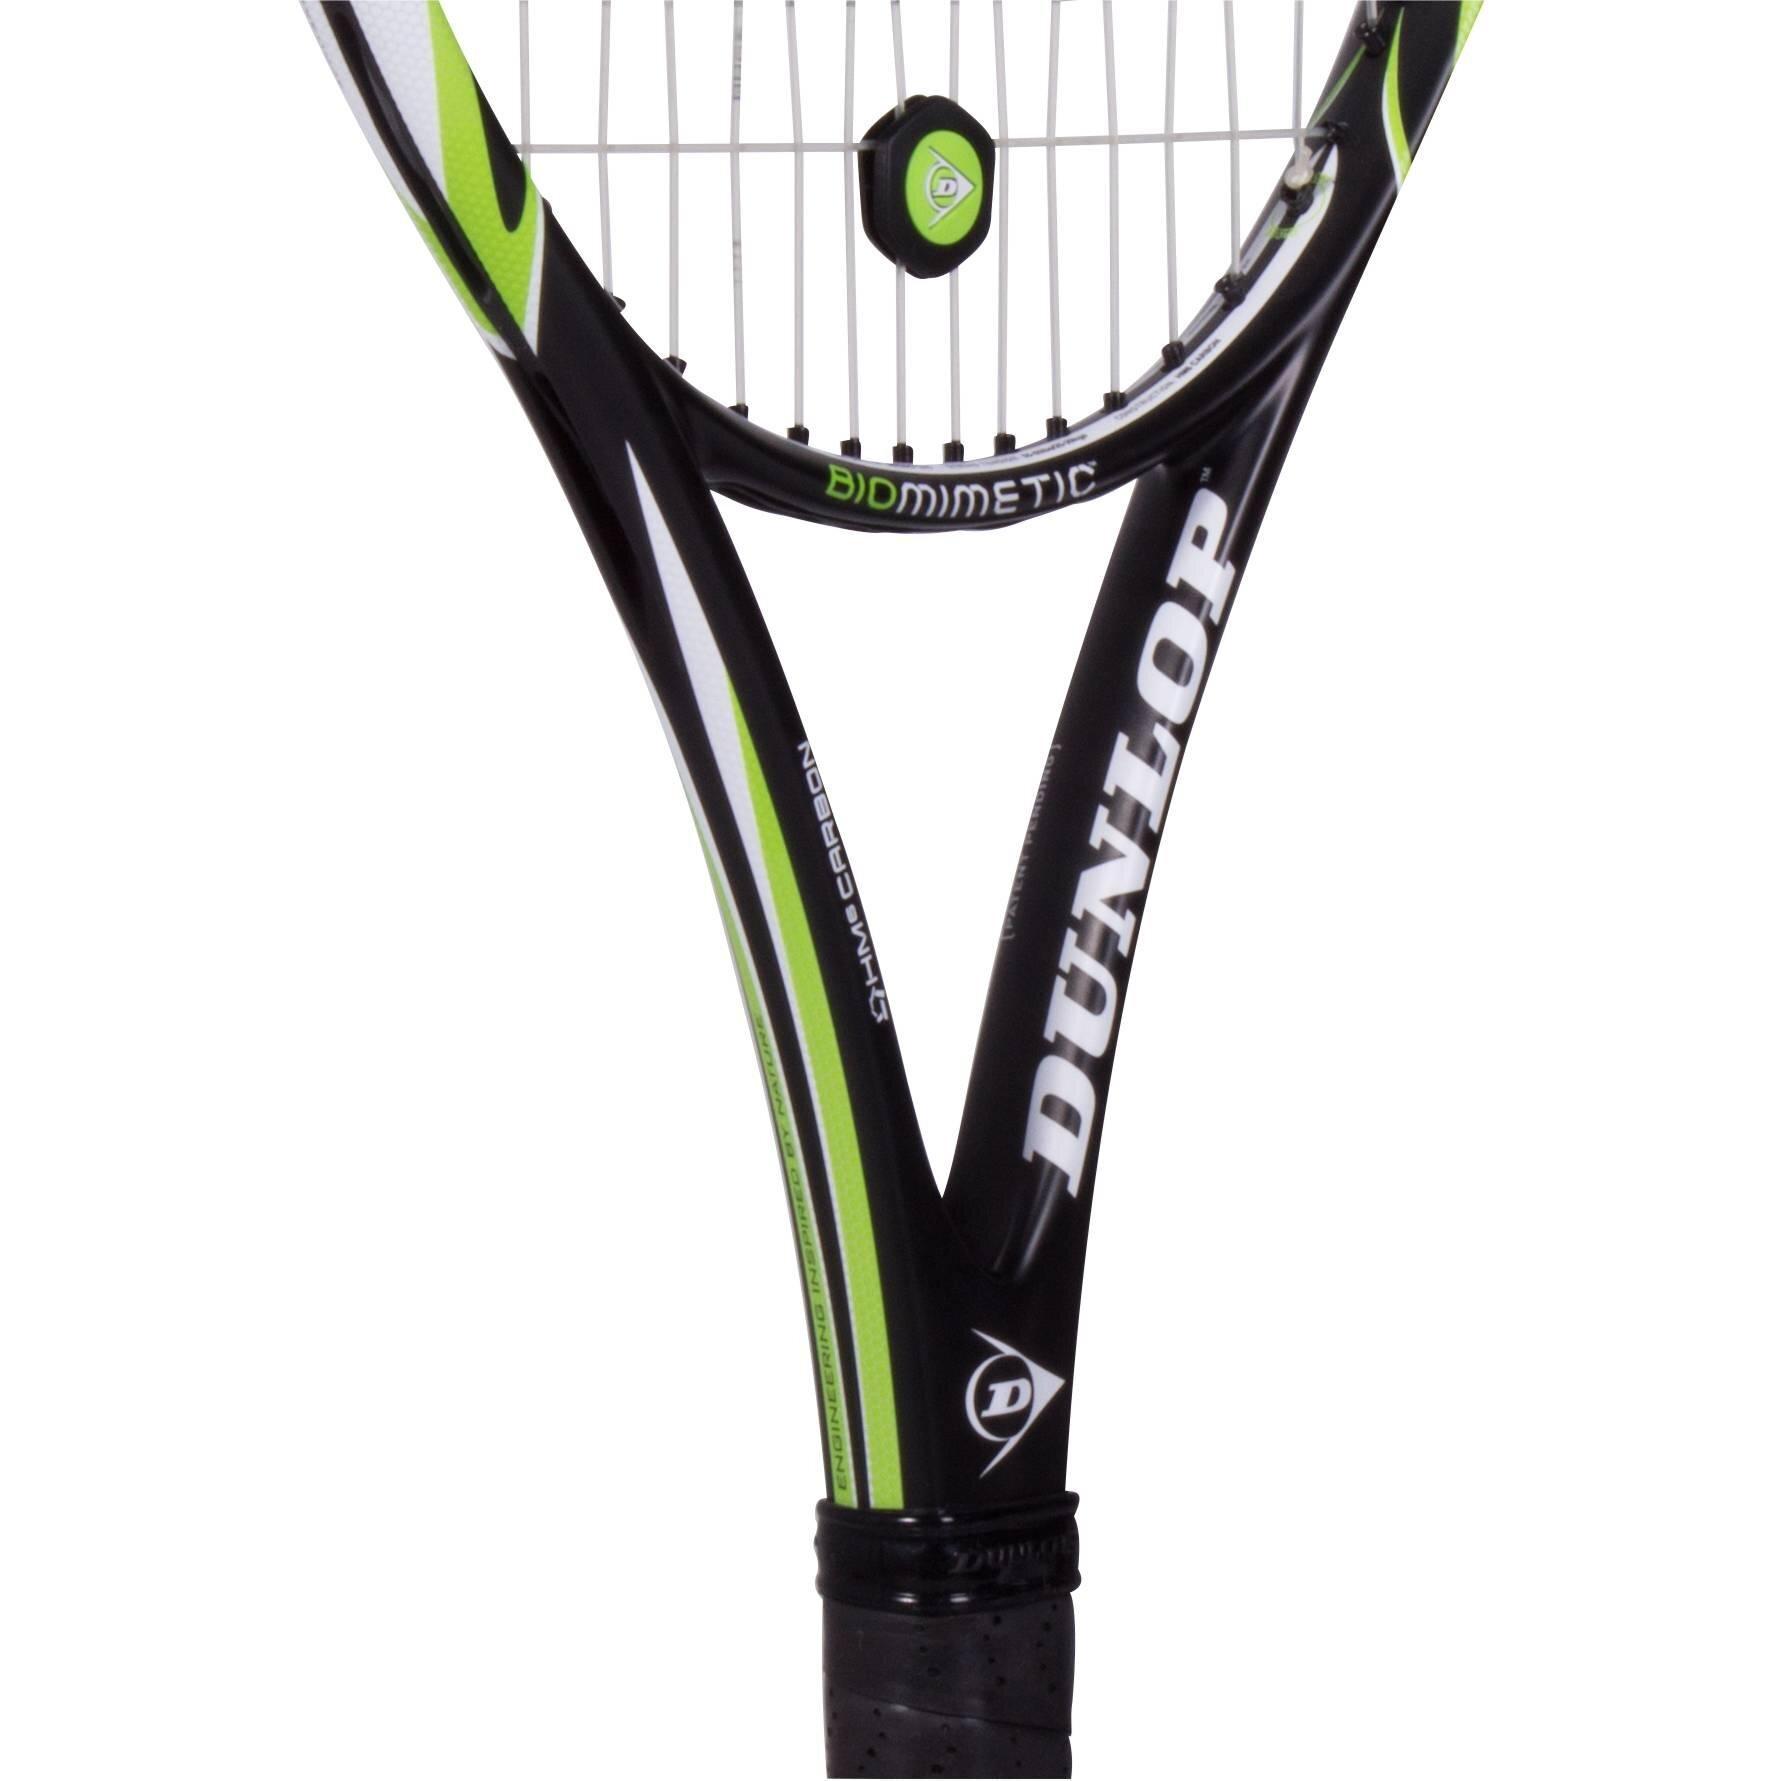 Bảng giá các dòng vợt tennis Dunlop cập nhật thị trường năm 2016